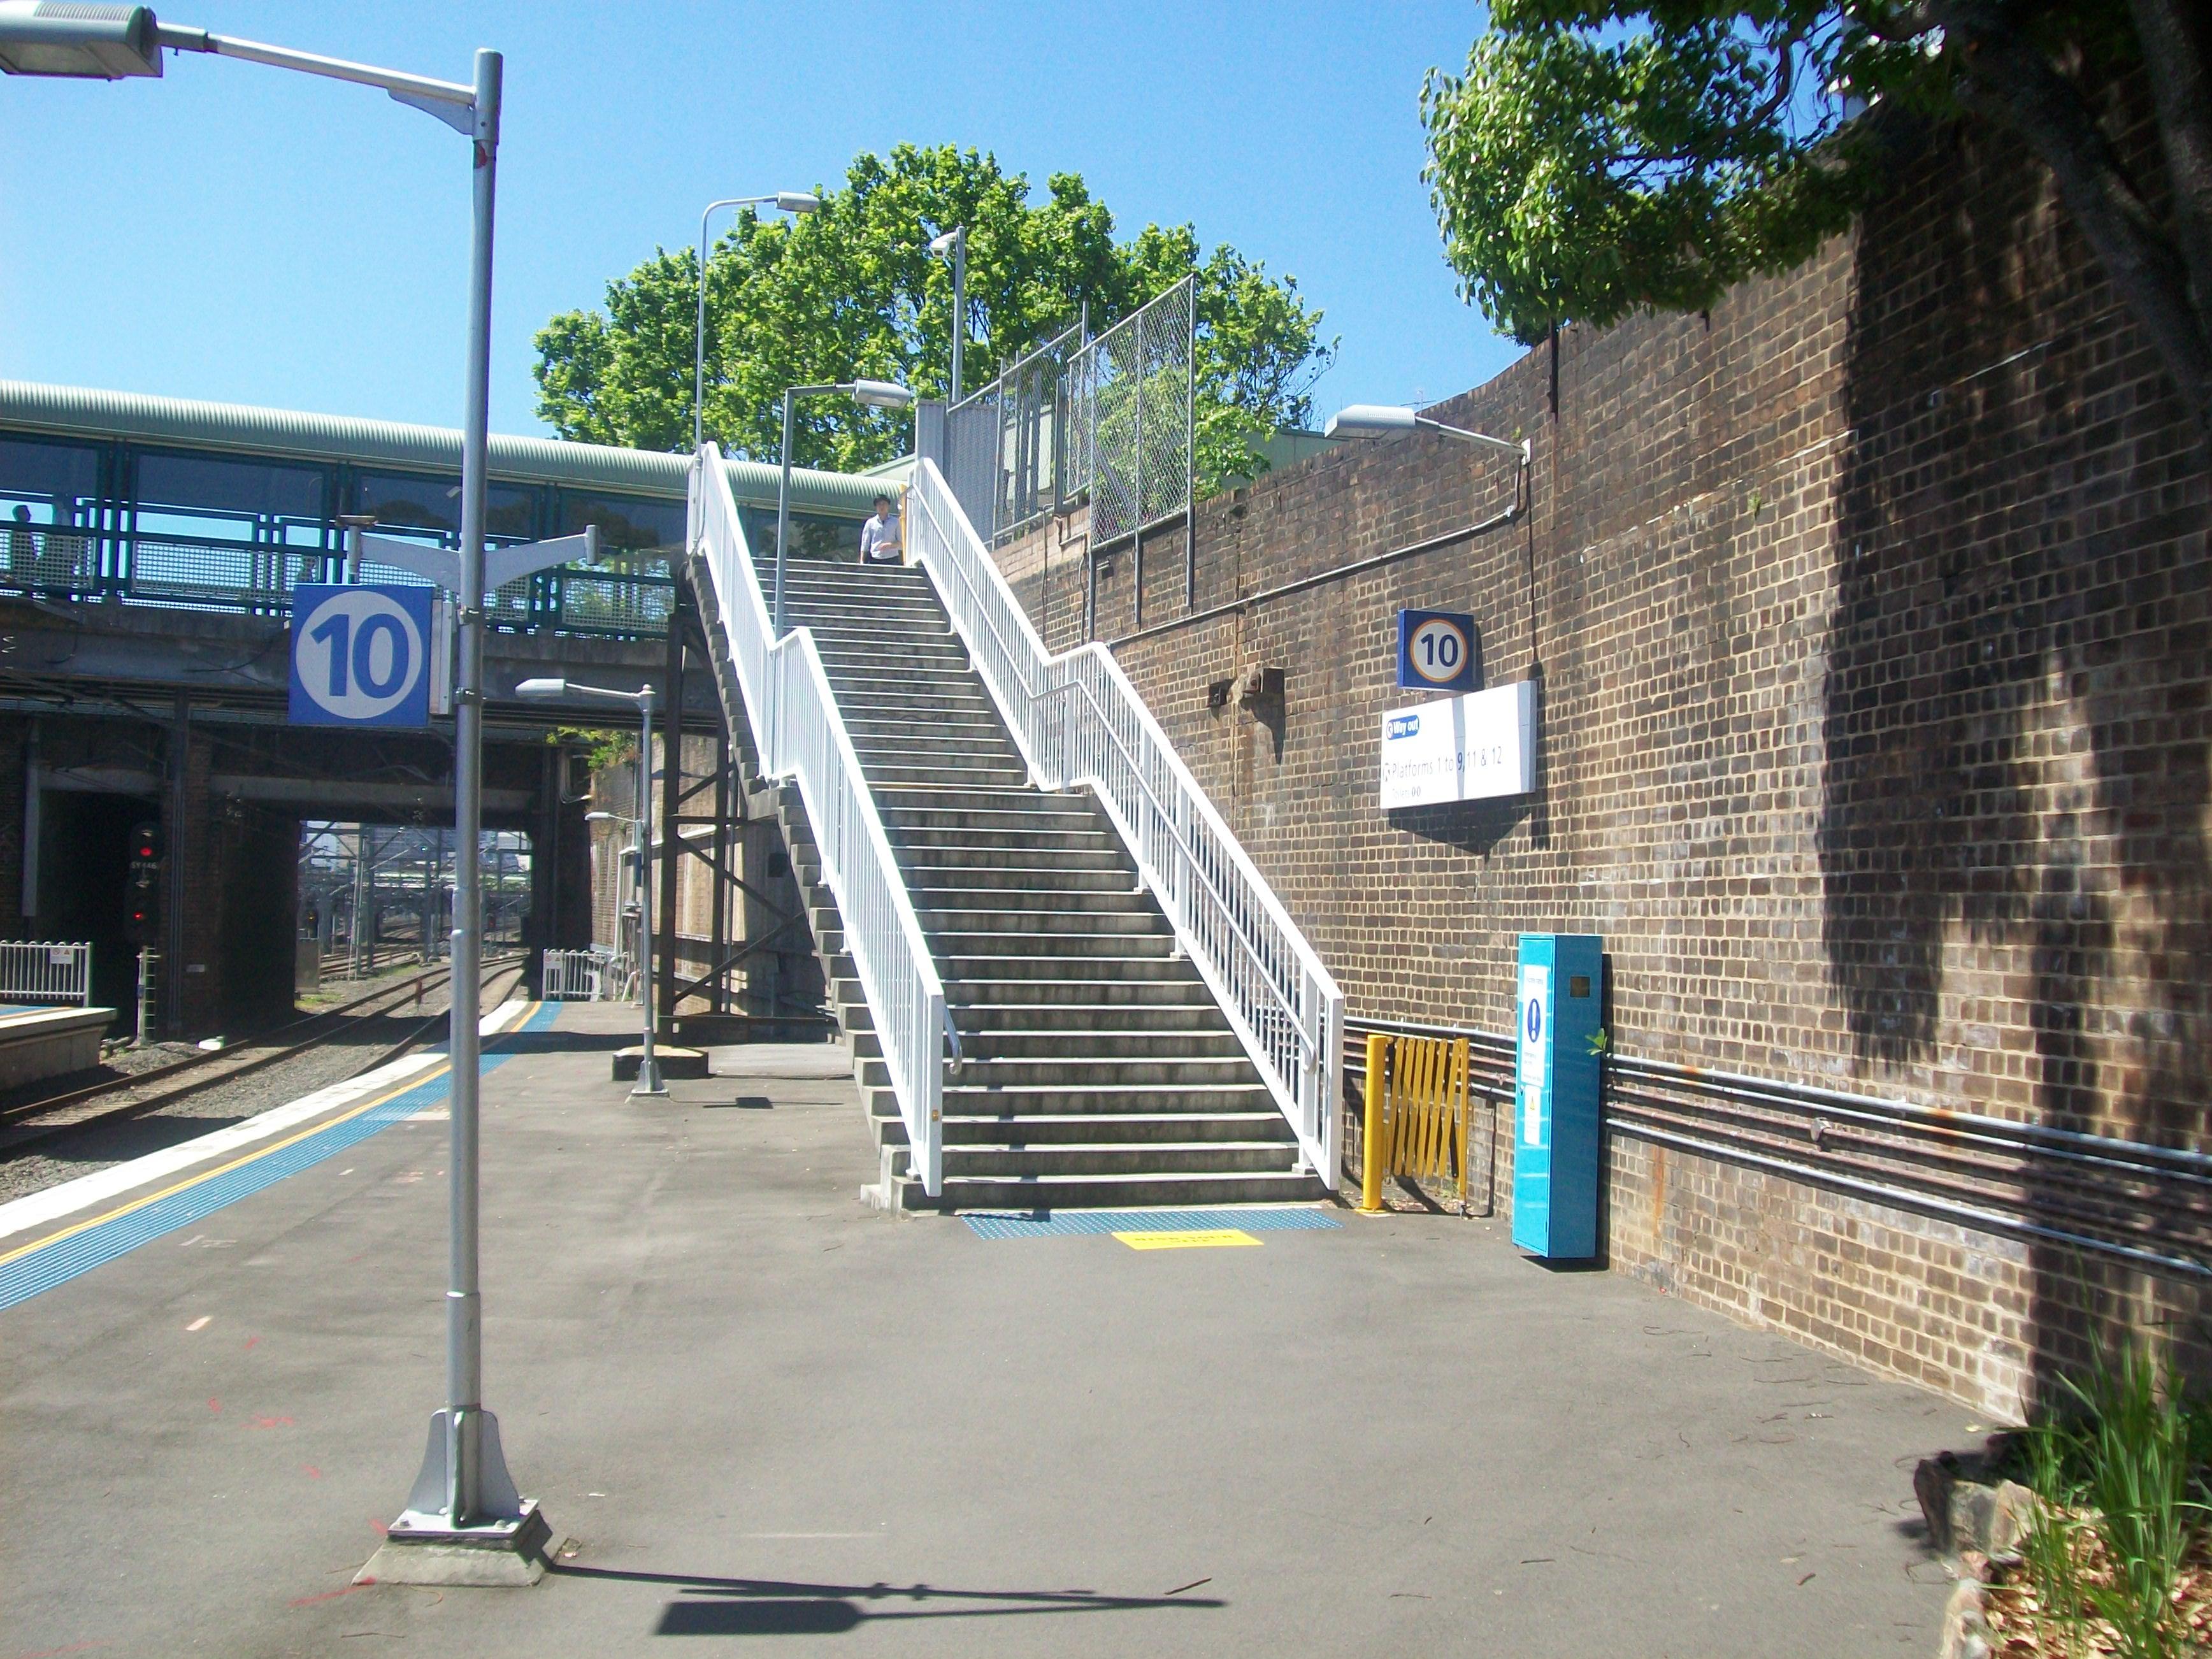 redfern station - photo #29